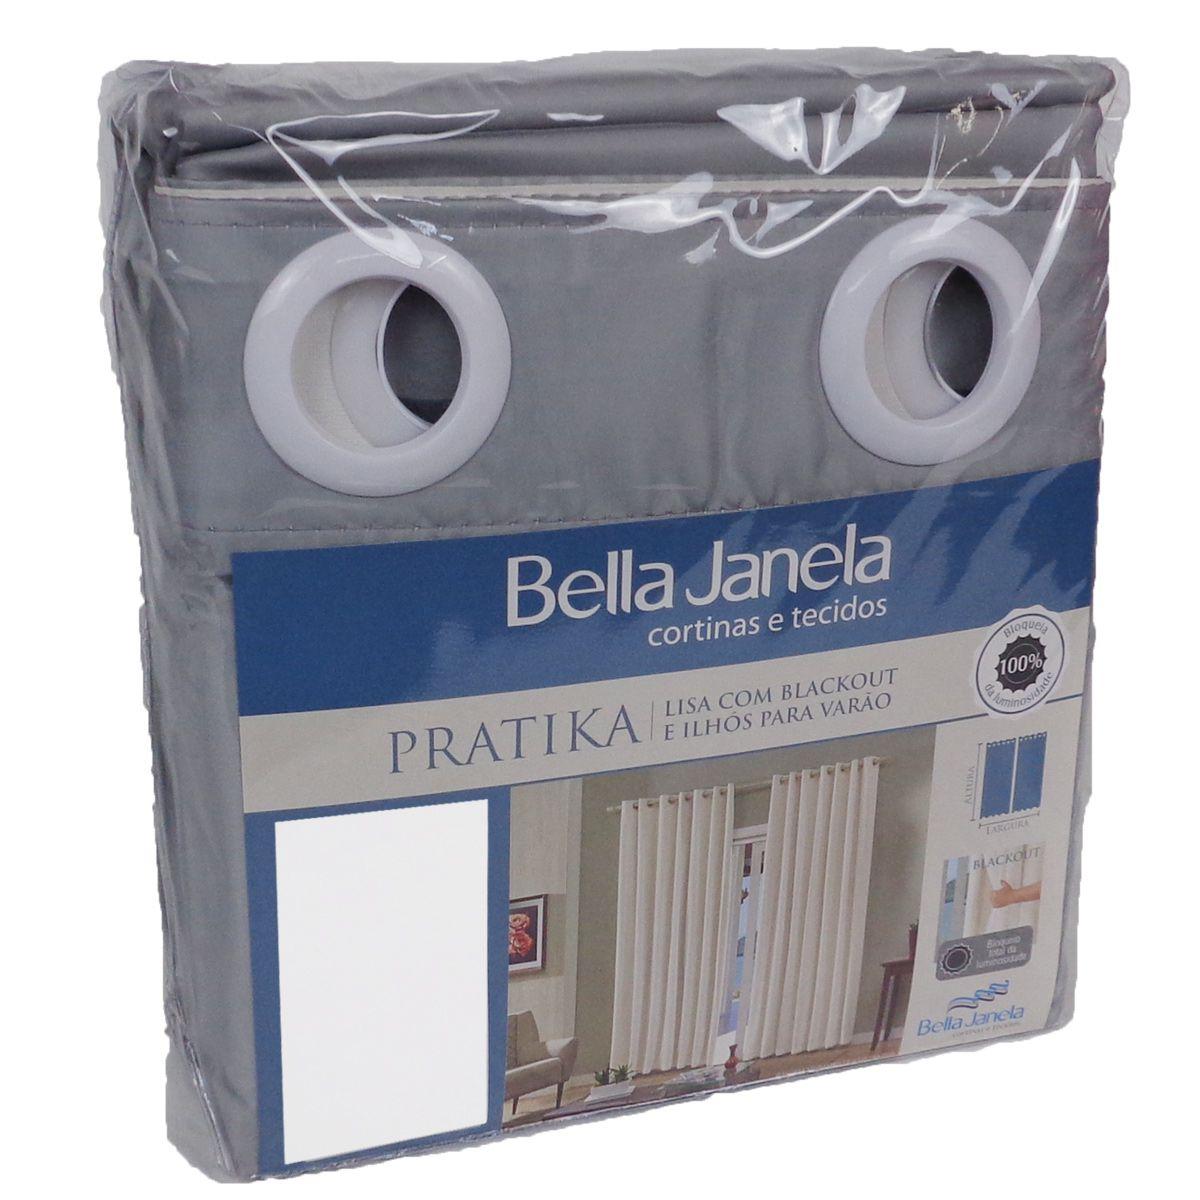 Cortina Em Voil Grafite Com Forro Blackout 2,60 x 1,70 Bella Janela